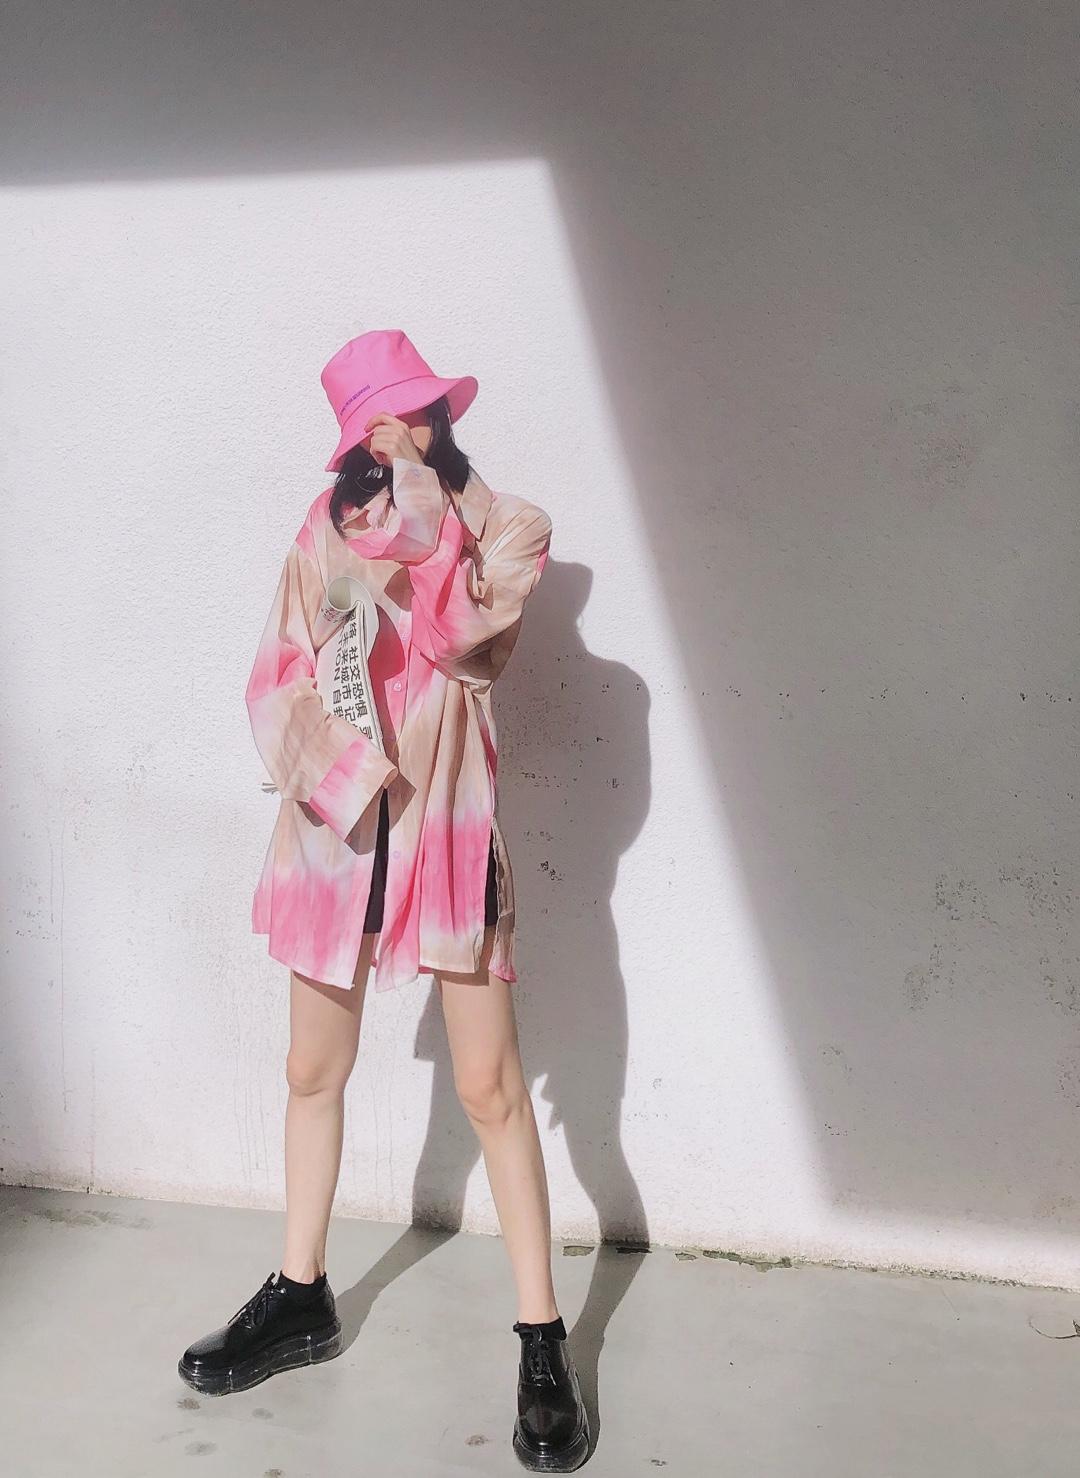 #99%的小哥哥喜欢?#少女感简约穿搭look 当下流行渲染印花大衬衫搭配同色系粉色渔夫帽 少女感upupup